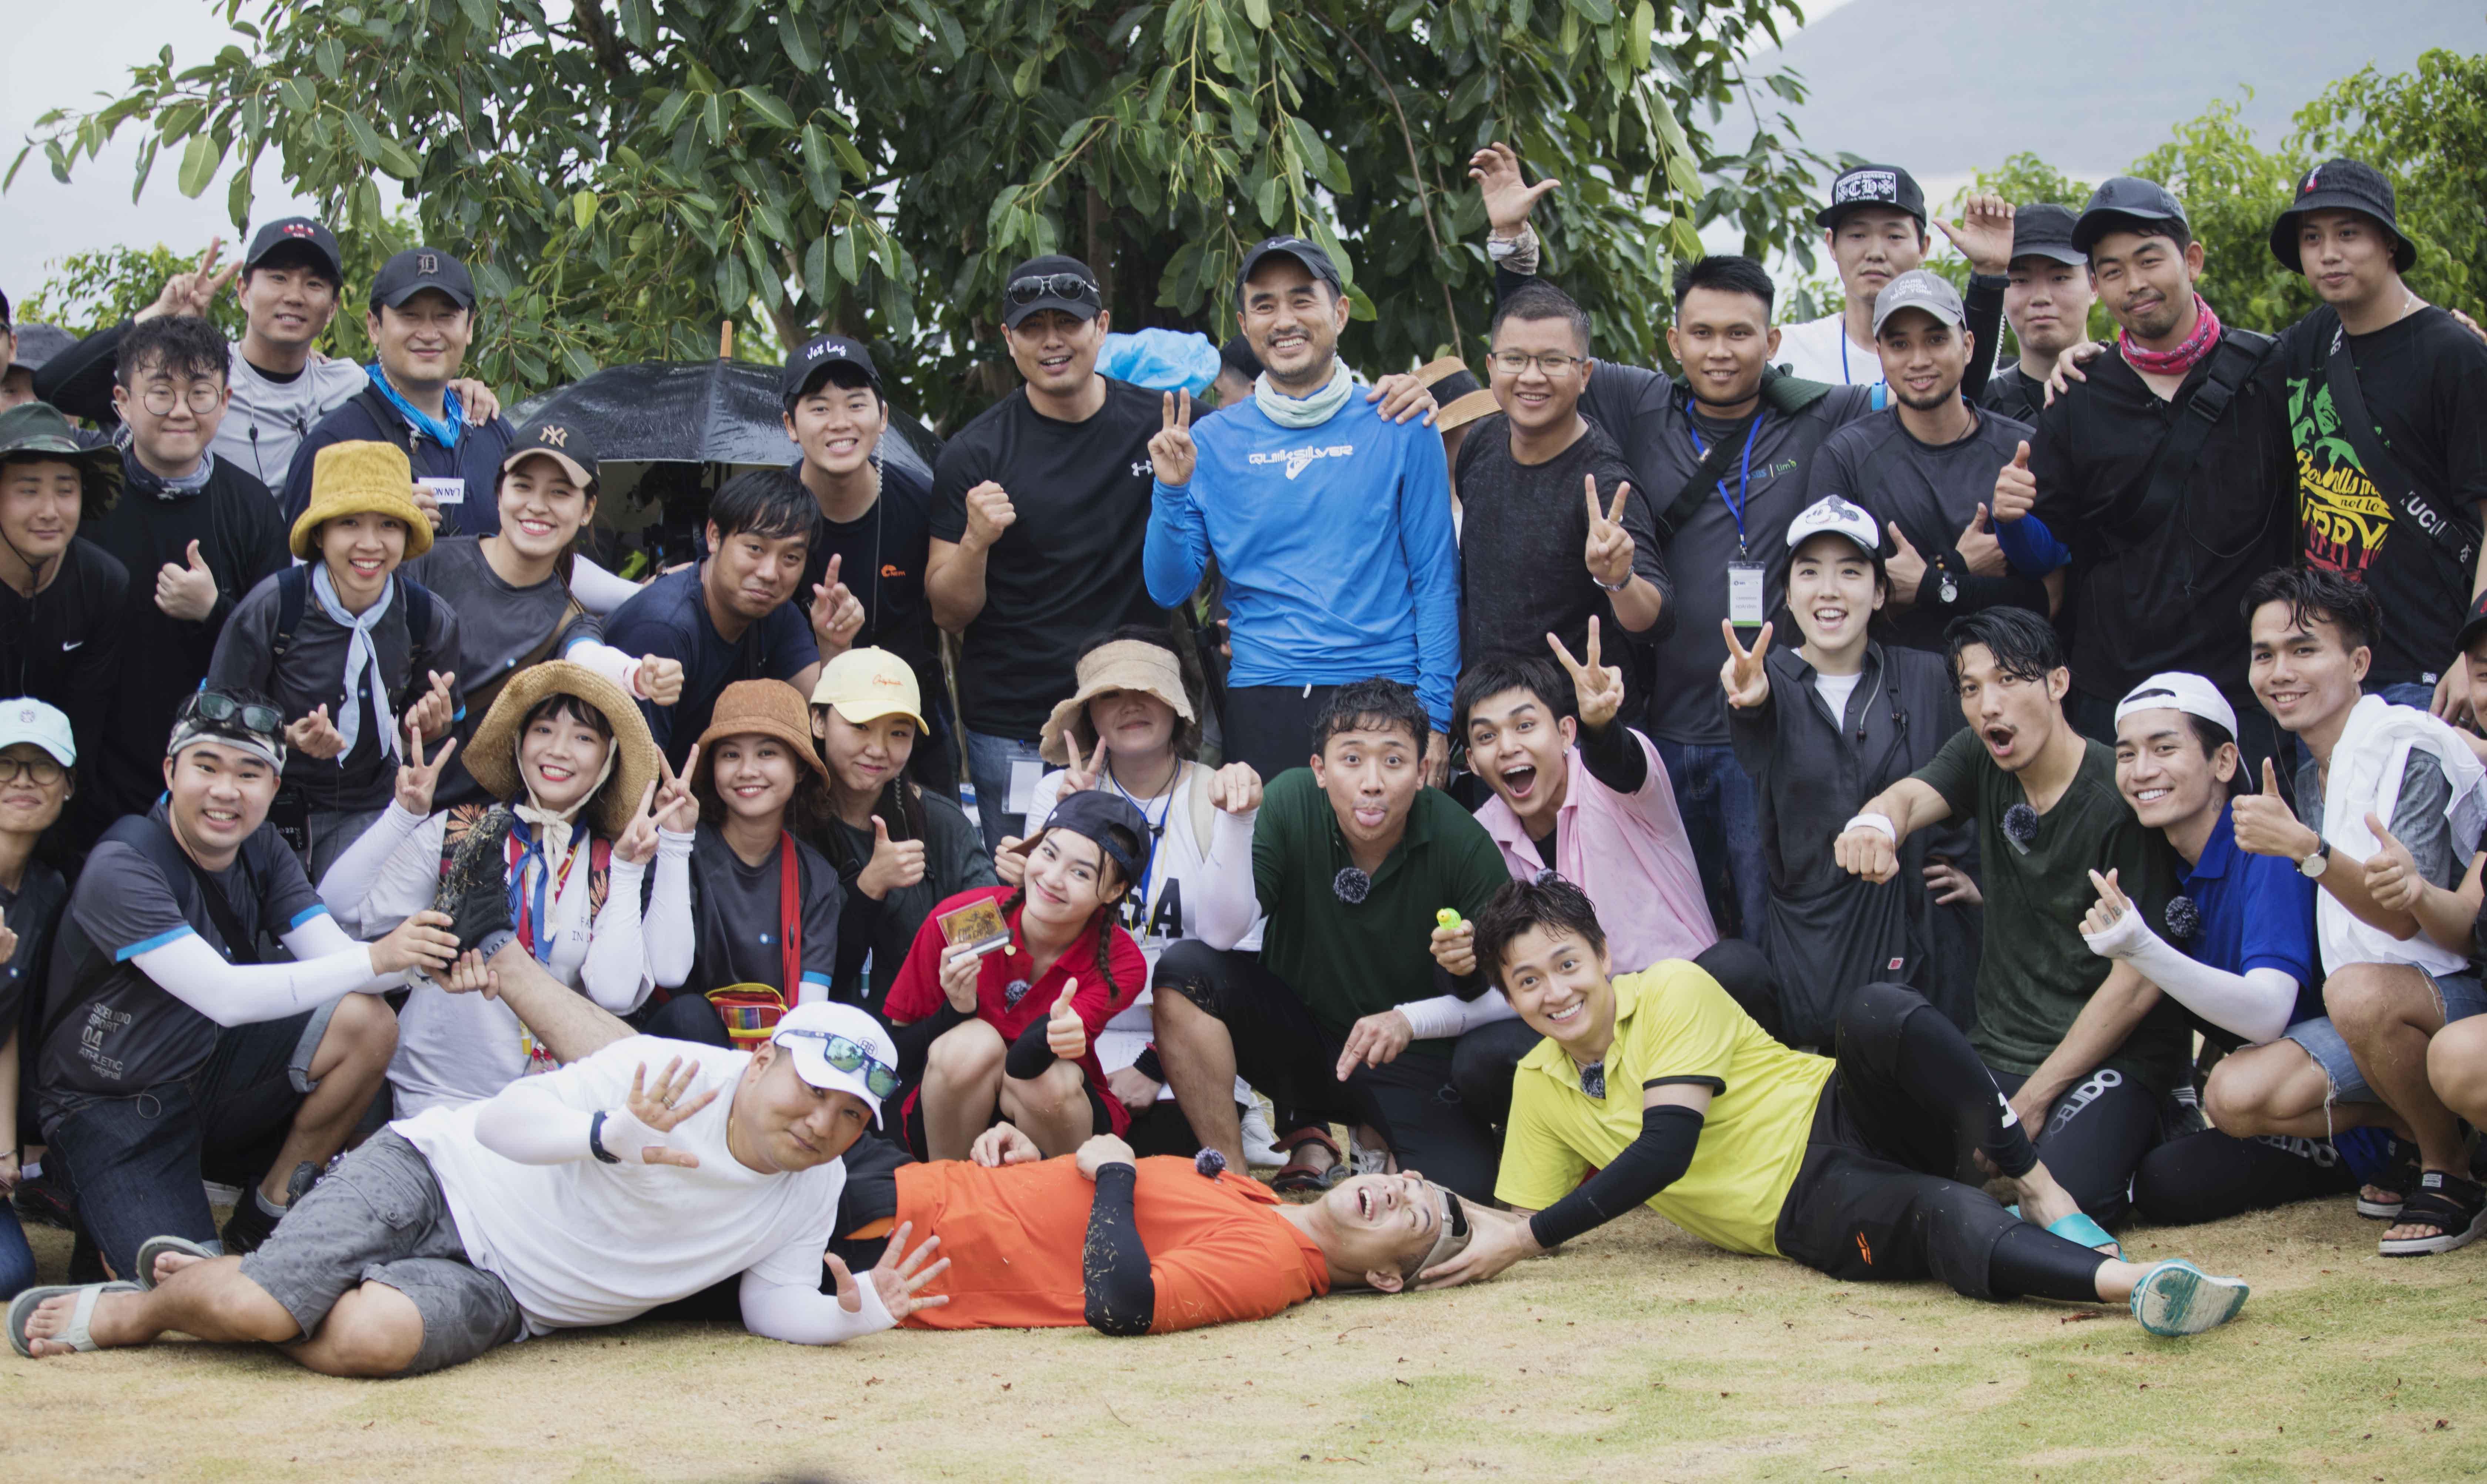 Chạy Đi Chờ Chi - Running Man Vietnam kết thúc mùa đầu tiên, trở thành chương trình hot nhất mùa hè dành cho cả gia đình